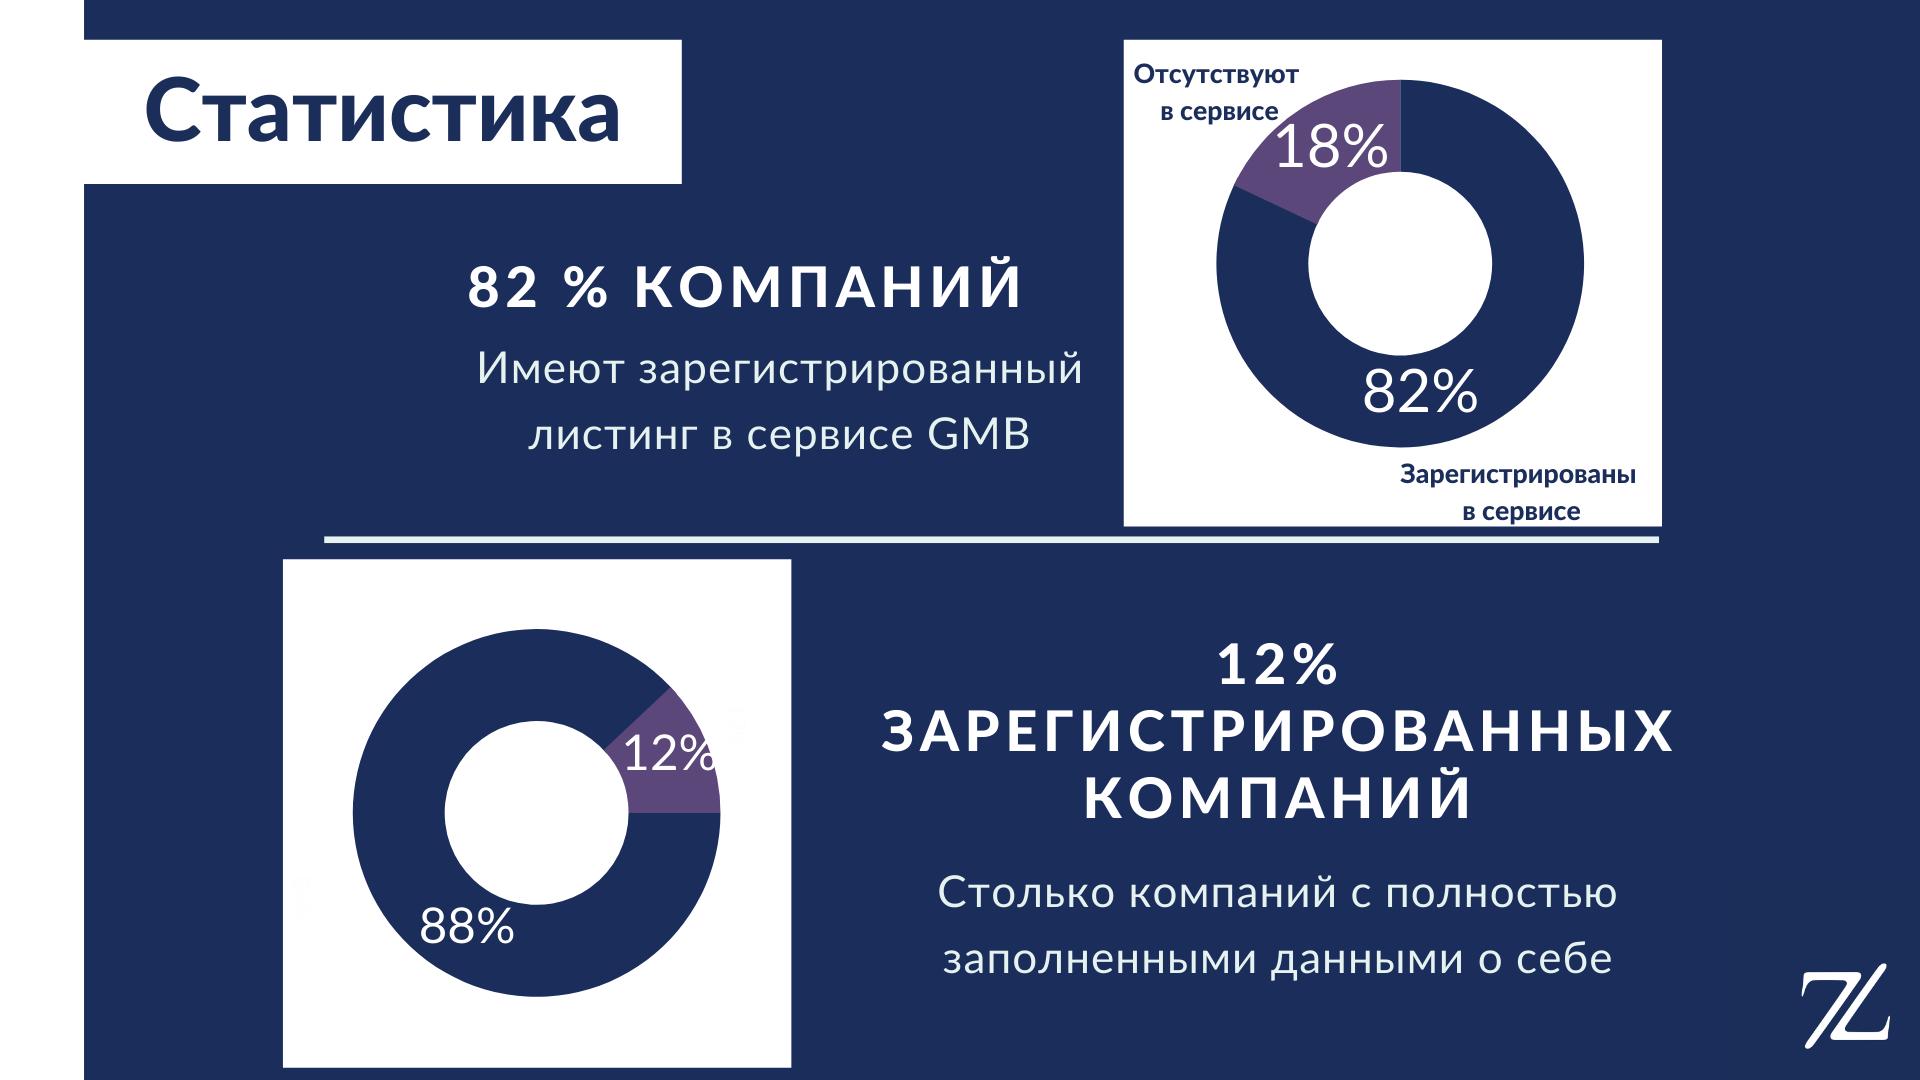 Статистика ГМБ